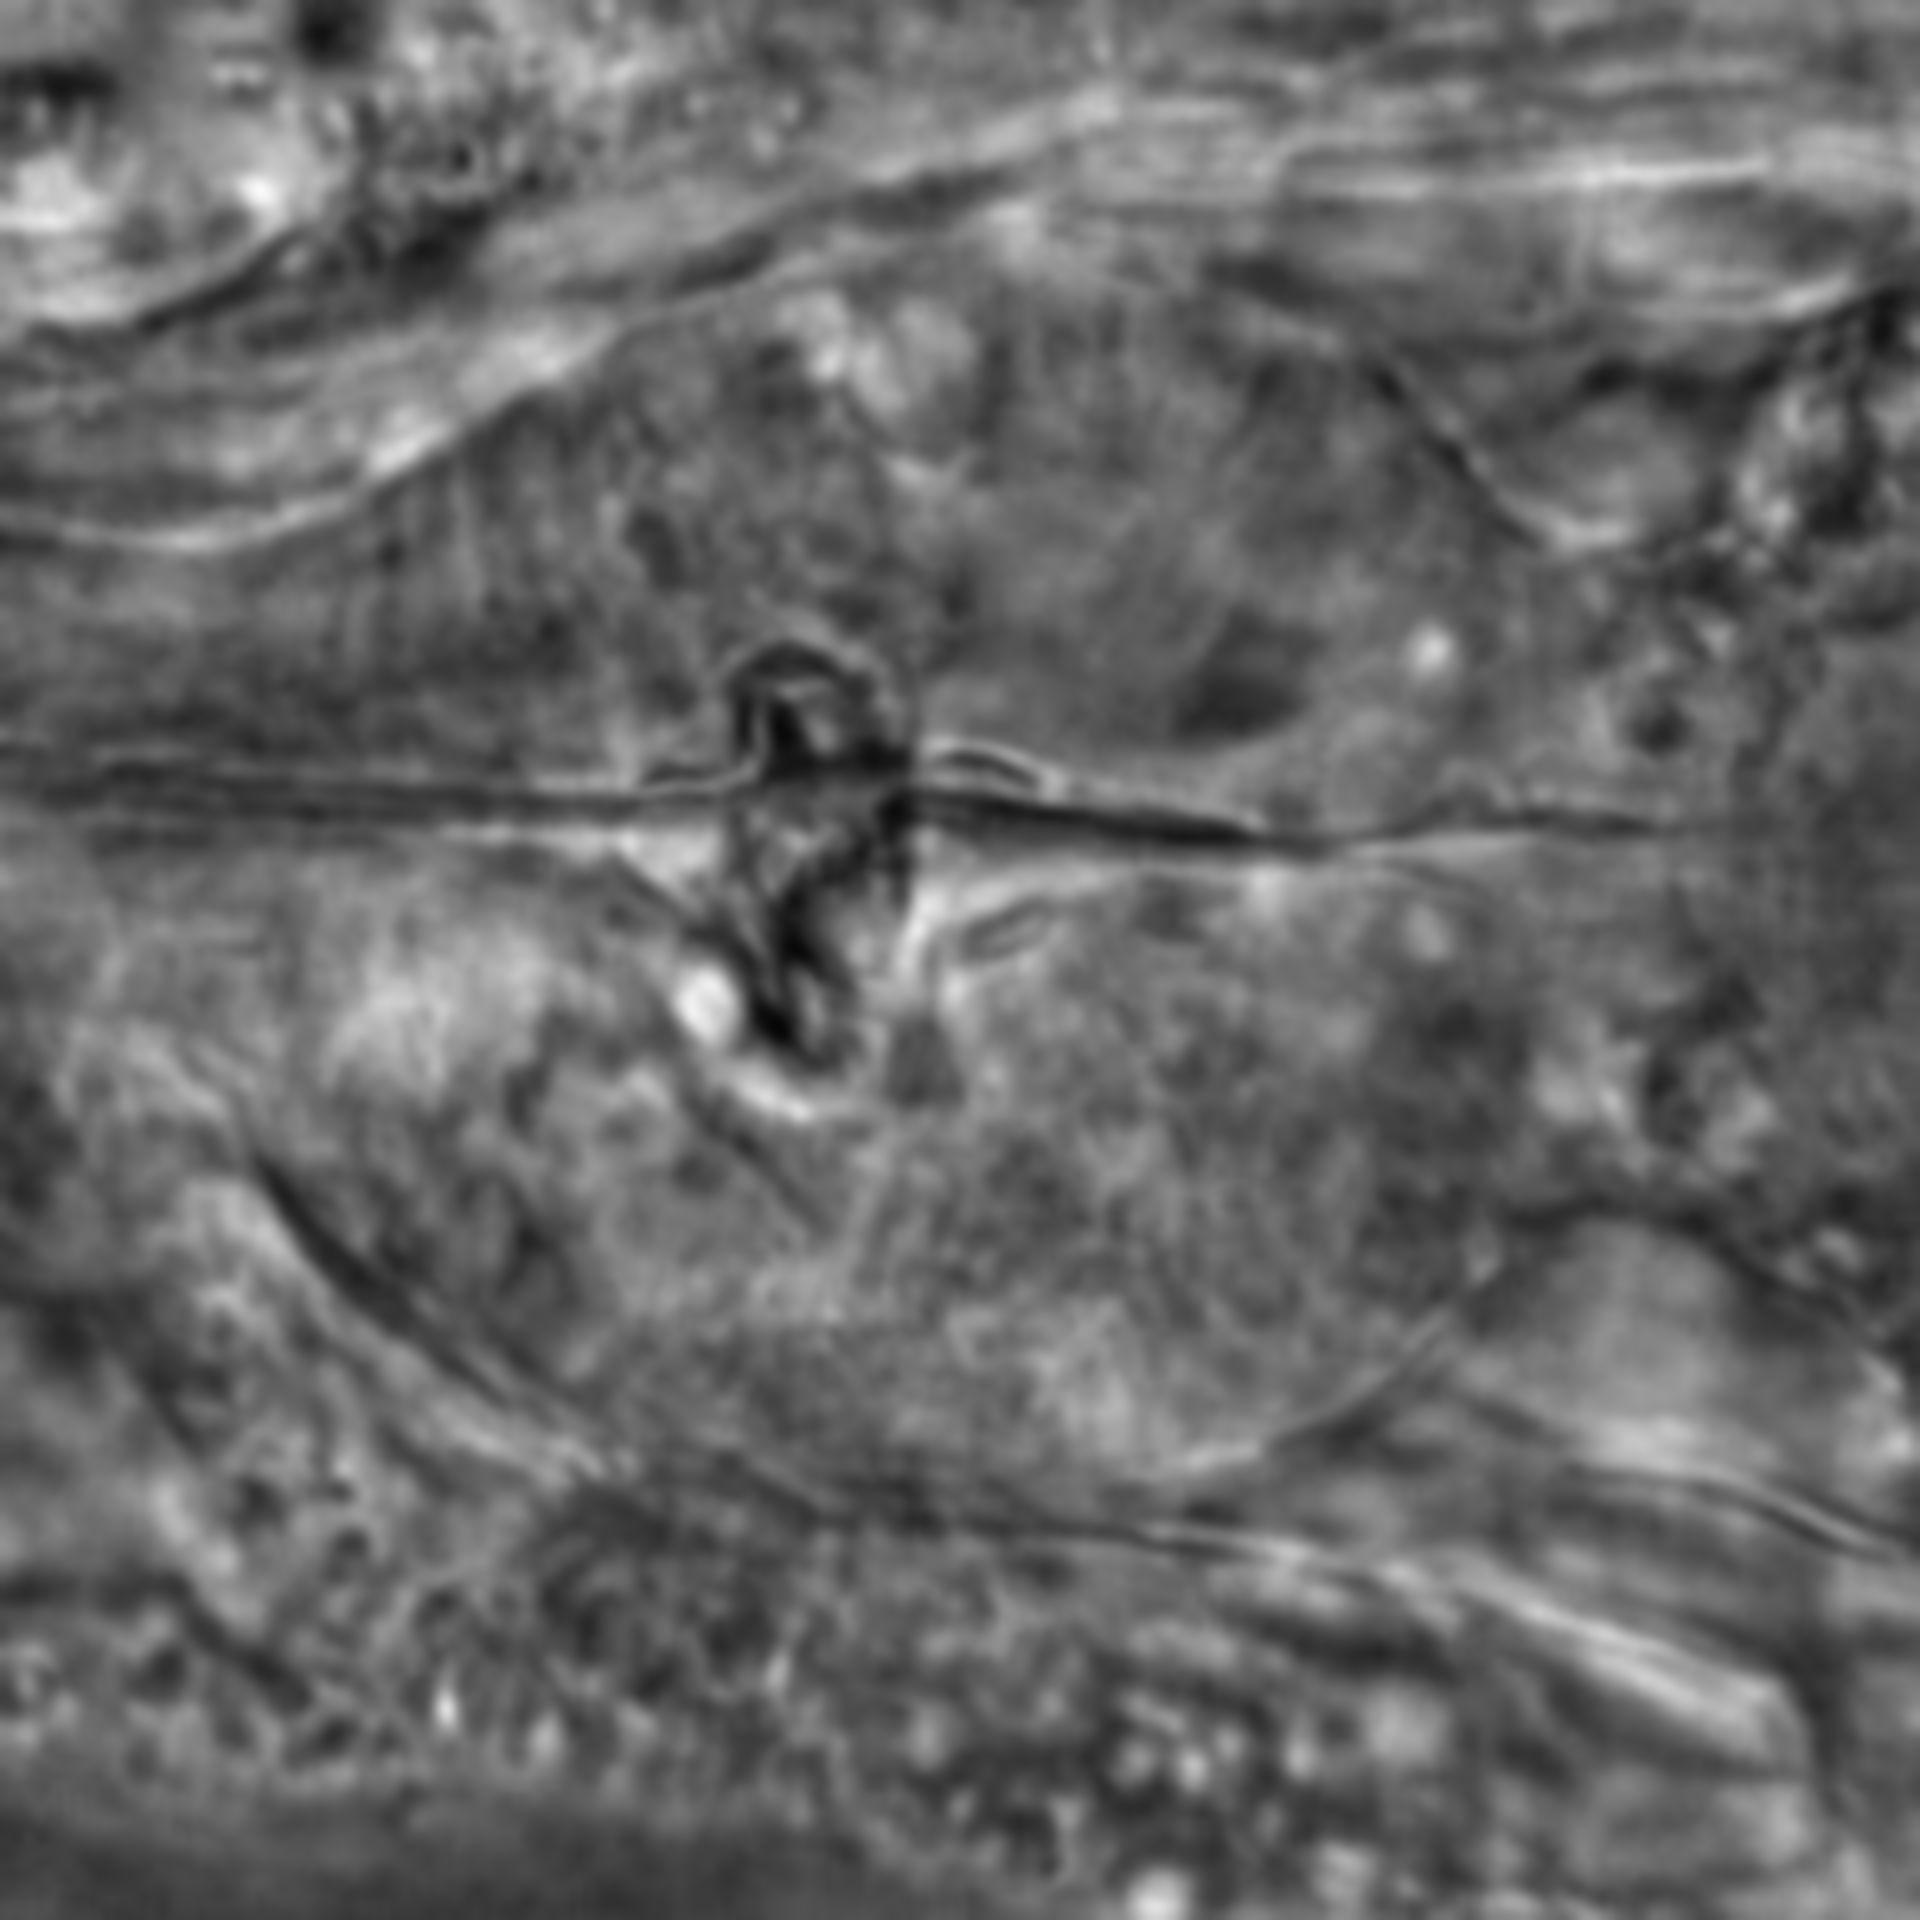 Caenorhabditis elegans - CIL:1775